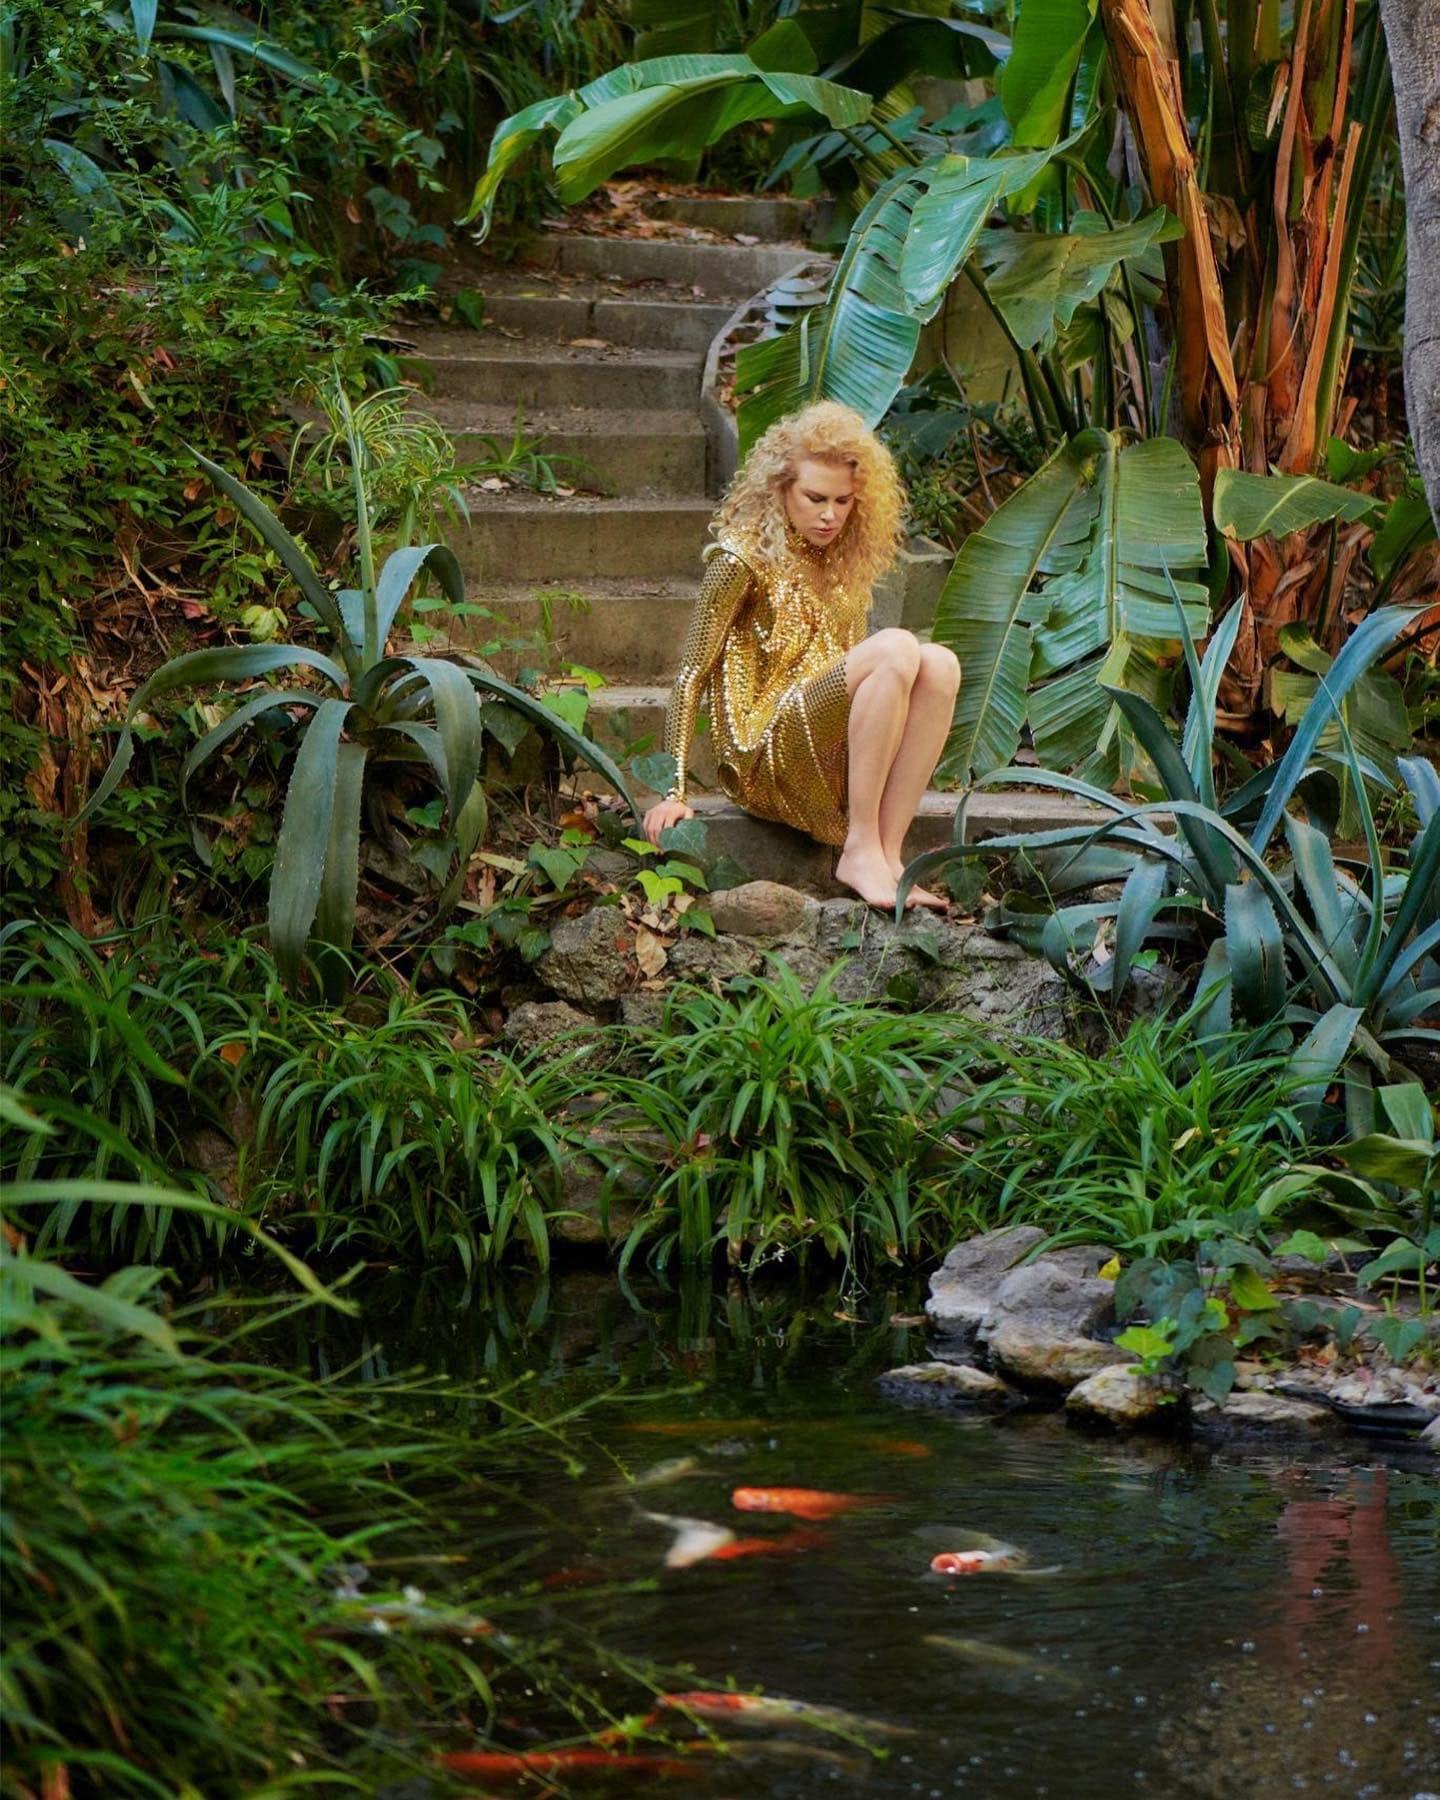 Николь Кидман снялась в гламурной фотосессии для глянца и высказалась о браке с Томом Крузом - фото №4